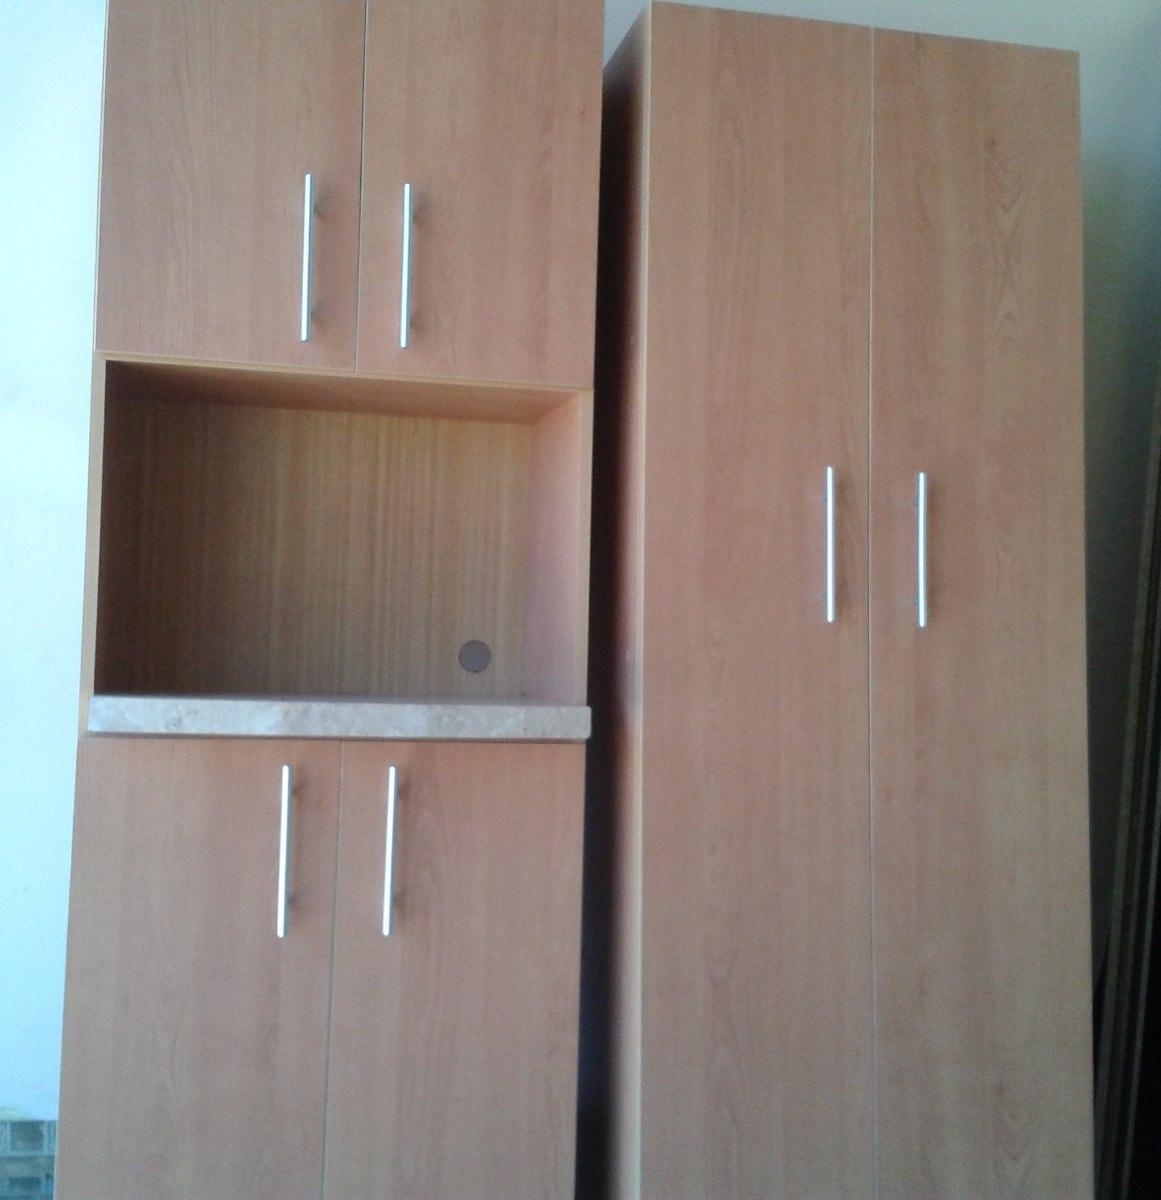 Alacenas gemelas oferta muebles de cocina 160 for Muebles de cocina precios ofertas